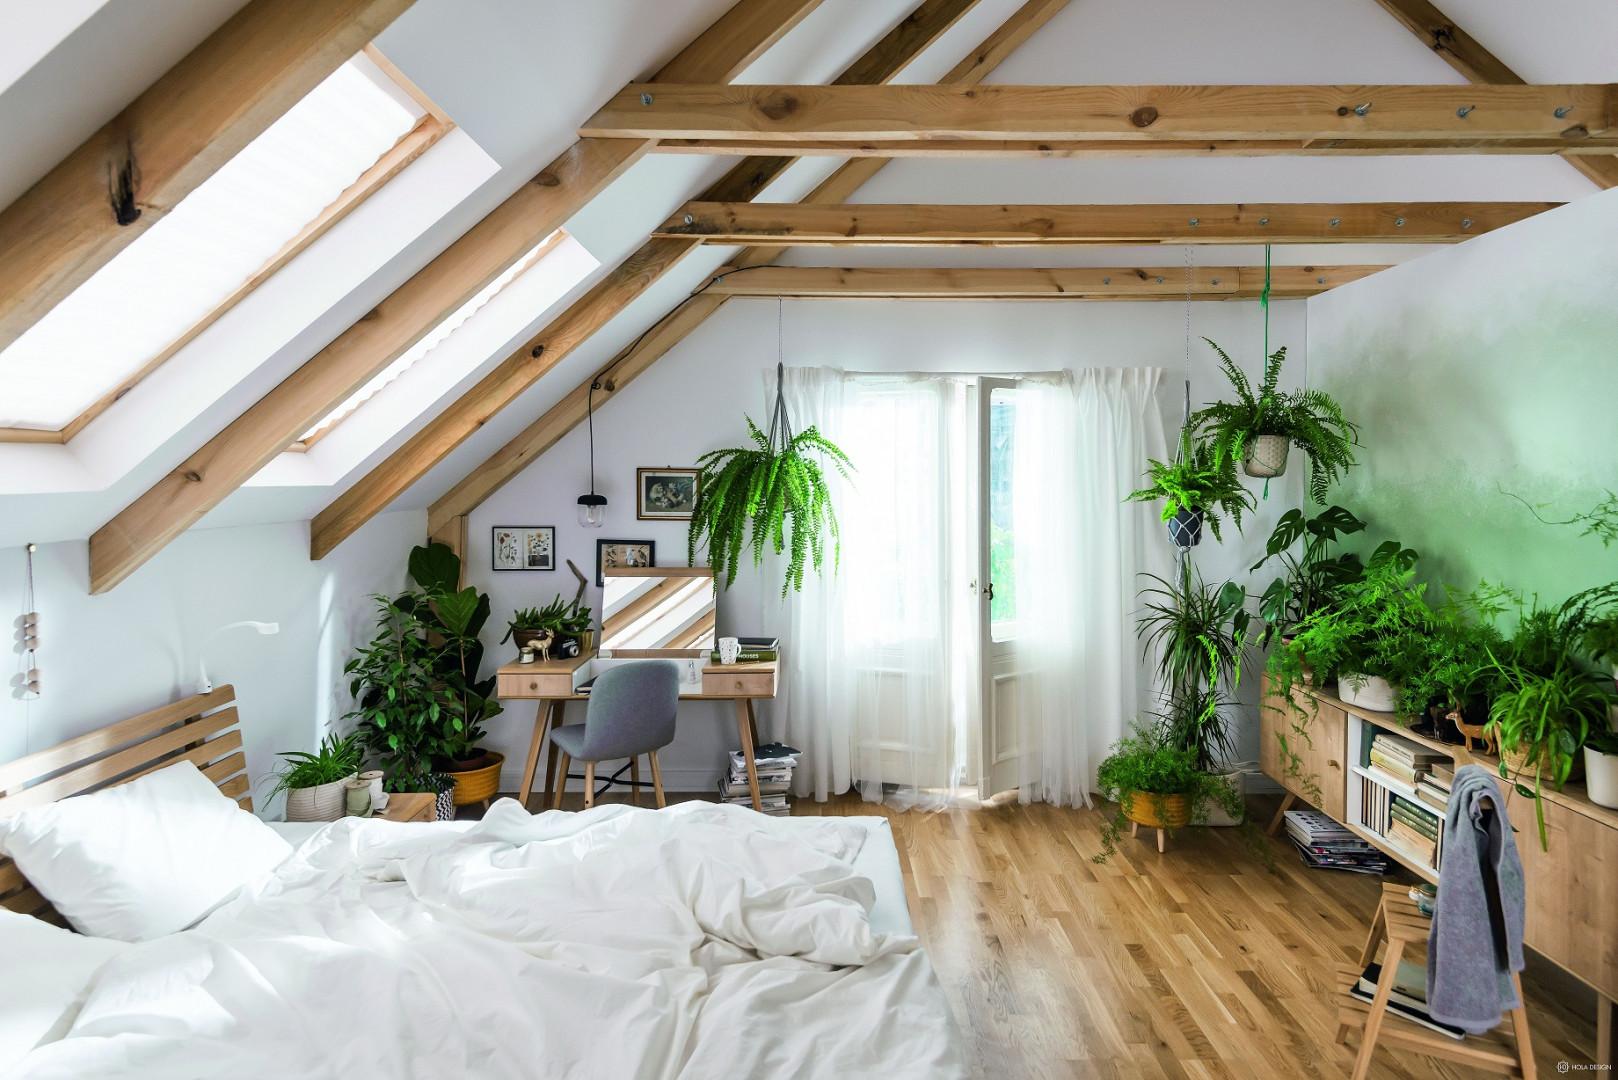 Wnętrze zaaranżowane z użyciem żywej zieleni. Fot. Vox